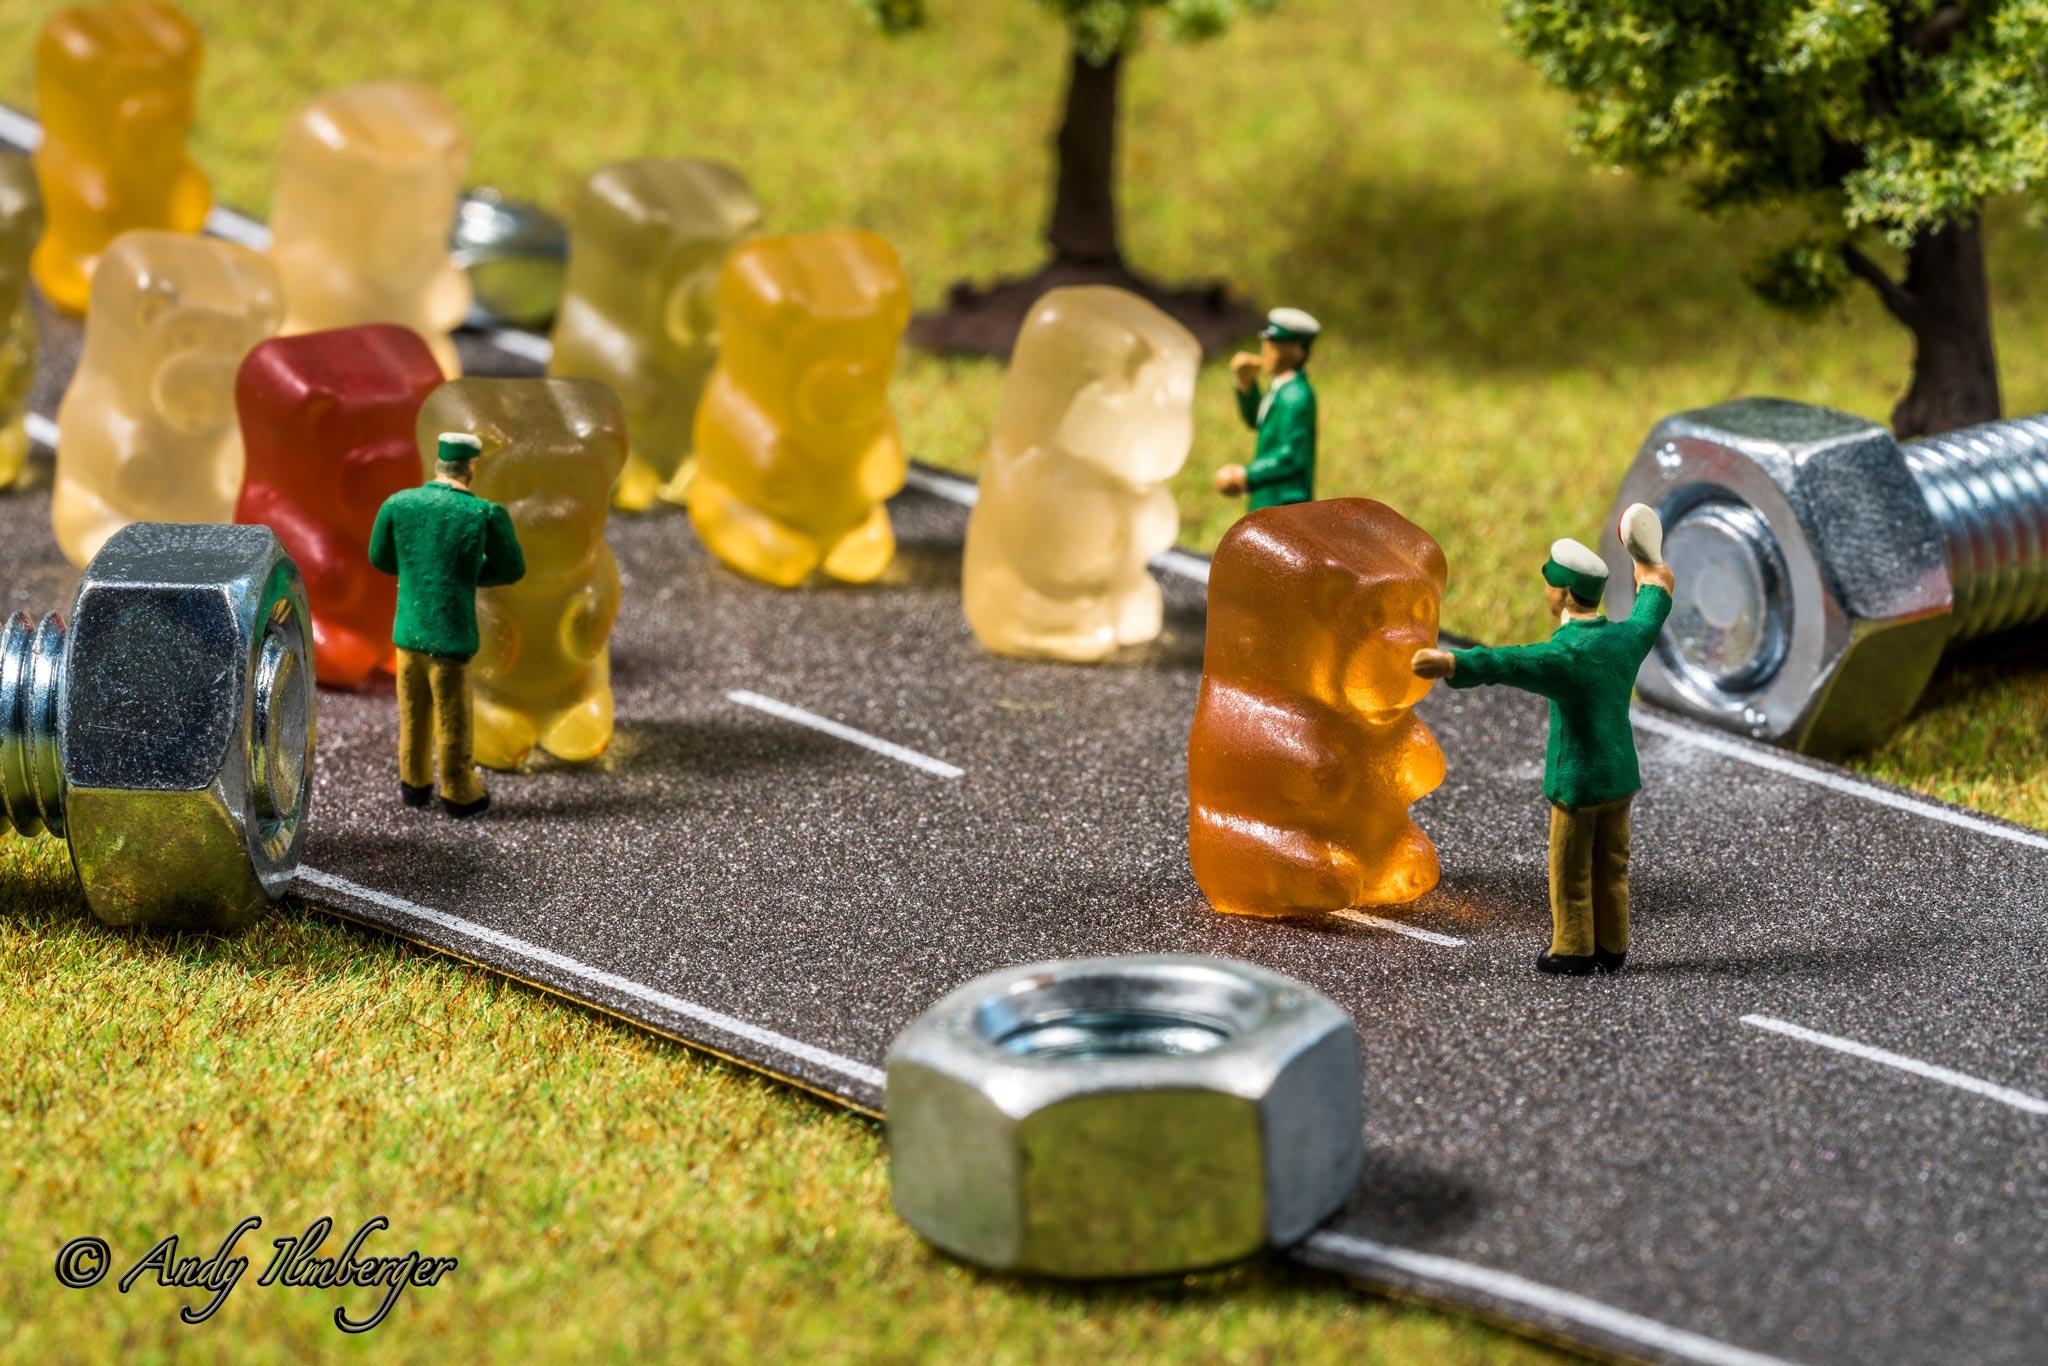 H0-Helden - Grenzkontrolle - H0-Figuren in Szene gesetzt von © Andy Ilmberger im Kleine-Helden.Club